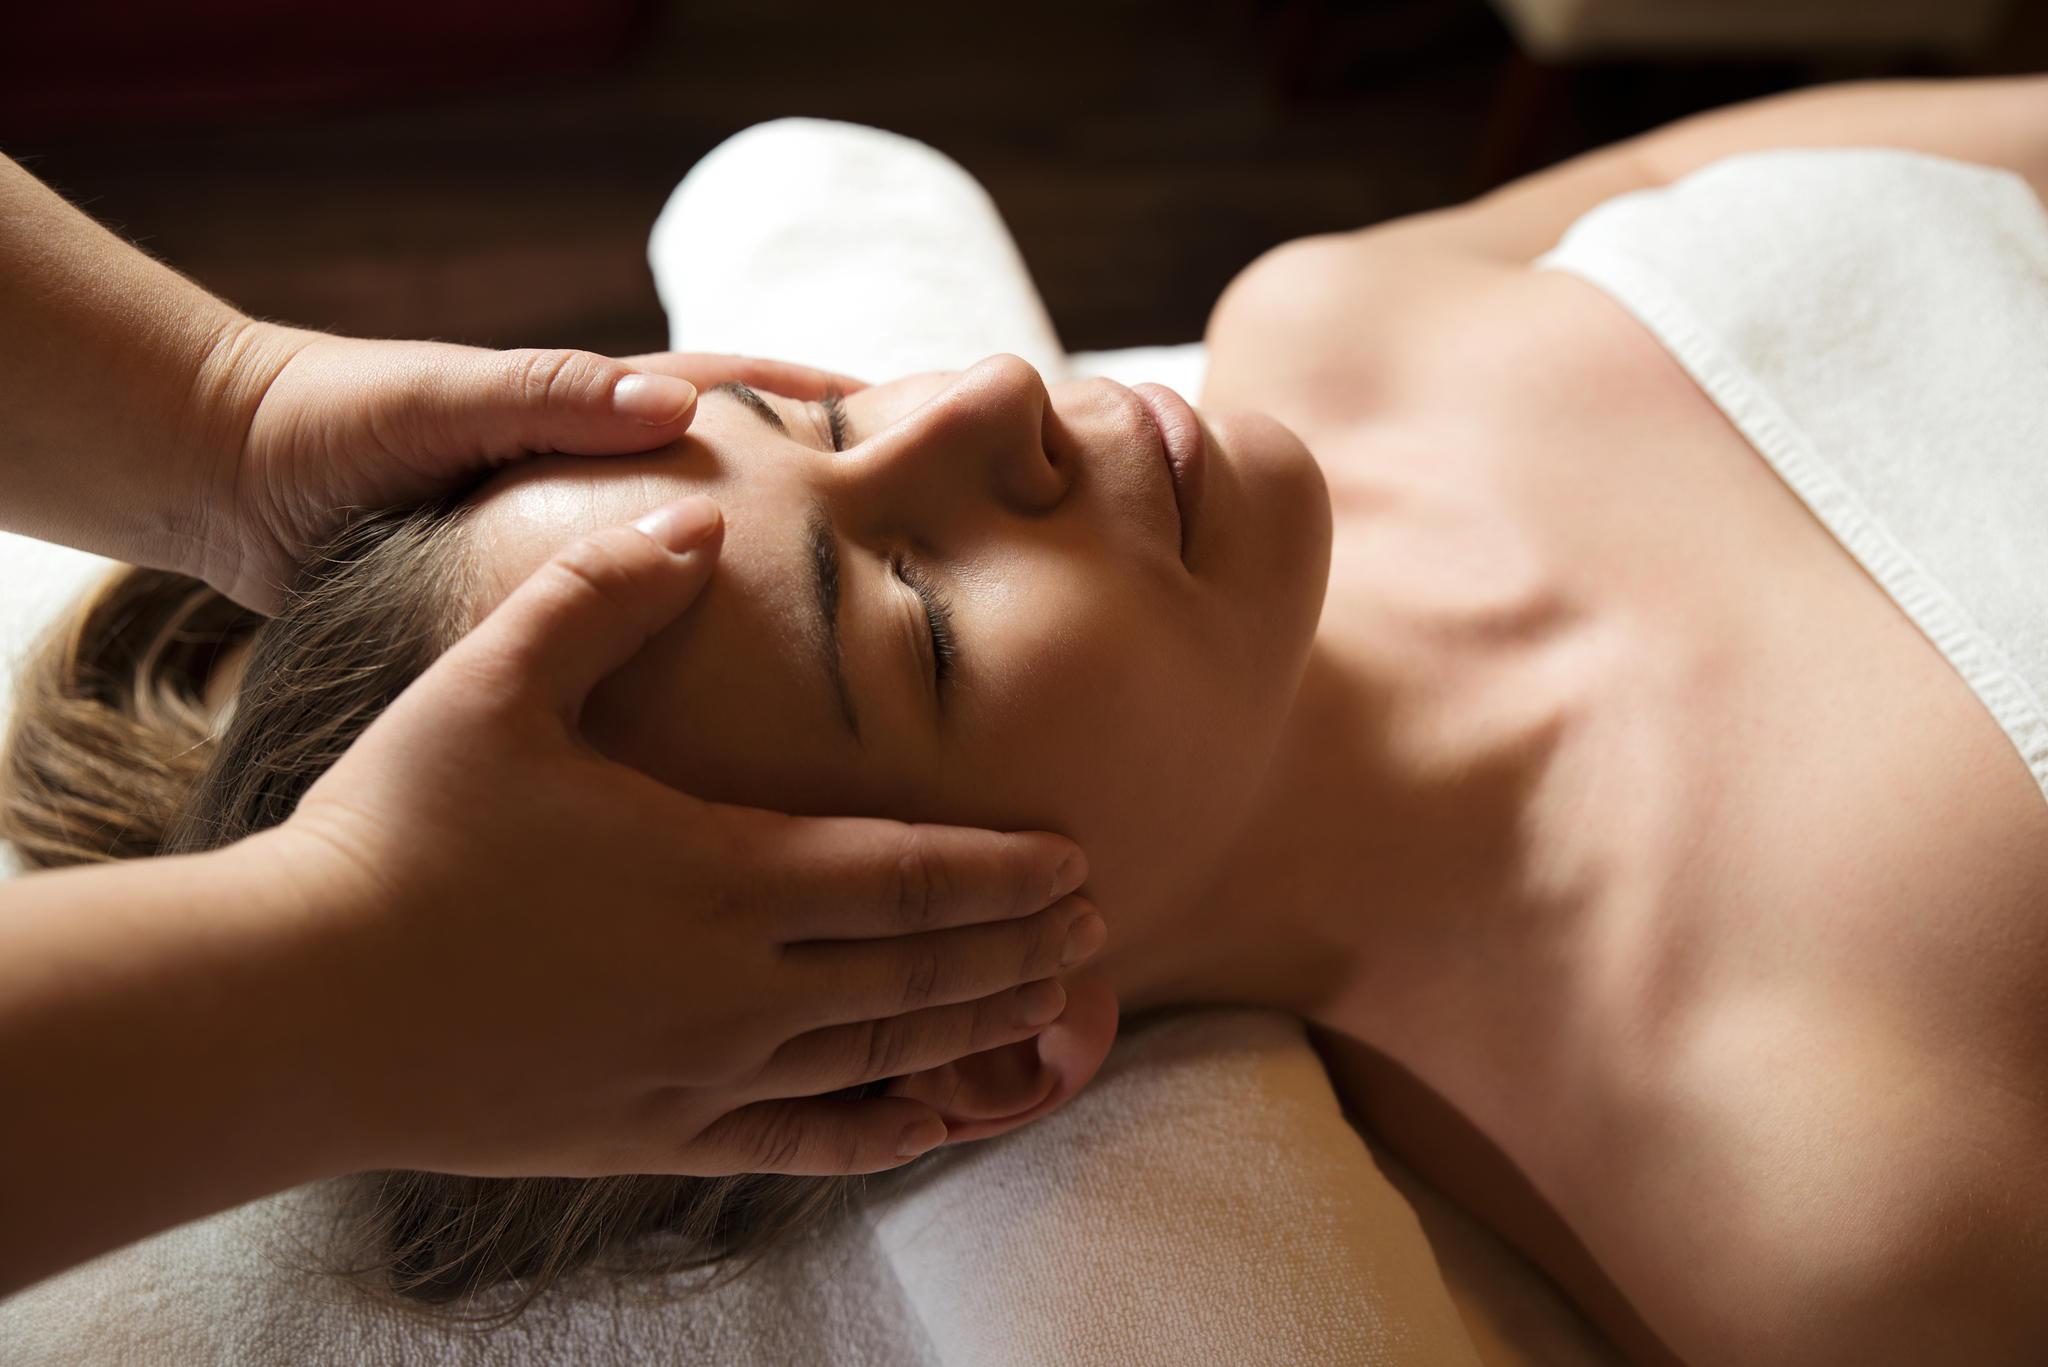 Du würdest gerne mal wieder zu Massage gehen? Oder zur Kosmetikerin? Oder dir dieses eine Paar Pumps leisten? Alles kein Problem: Beschenke dich selbst und gönne dir mal wieder ein Erlebnis, das NUR dich glücklich macht.